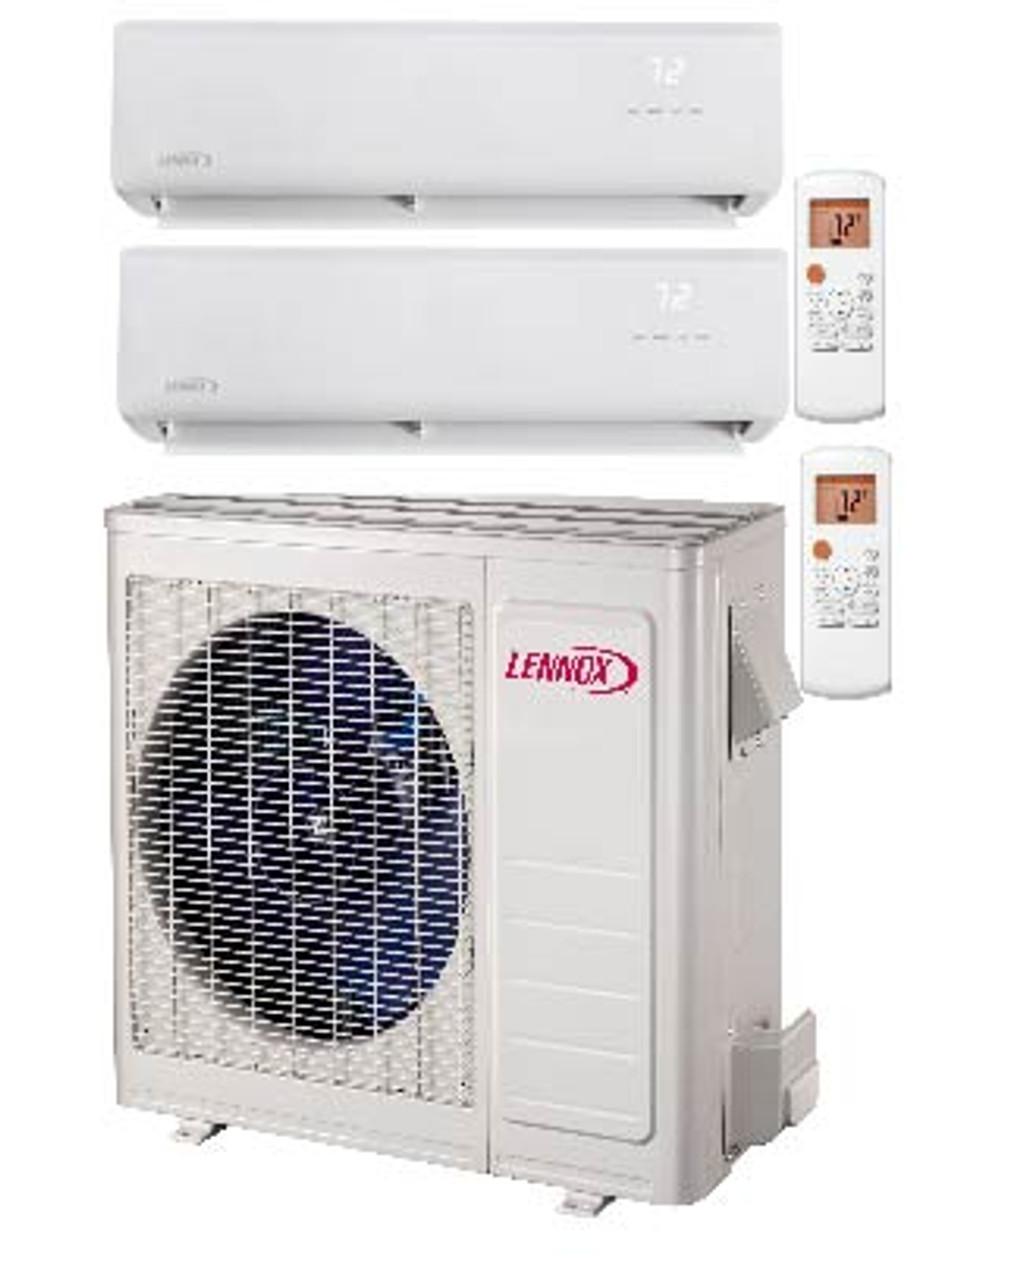 Lennox MP-Series 3 Ton Dual Zone 36,000 BTU Heat Pump Mini-Split System